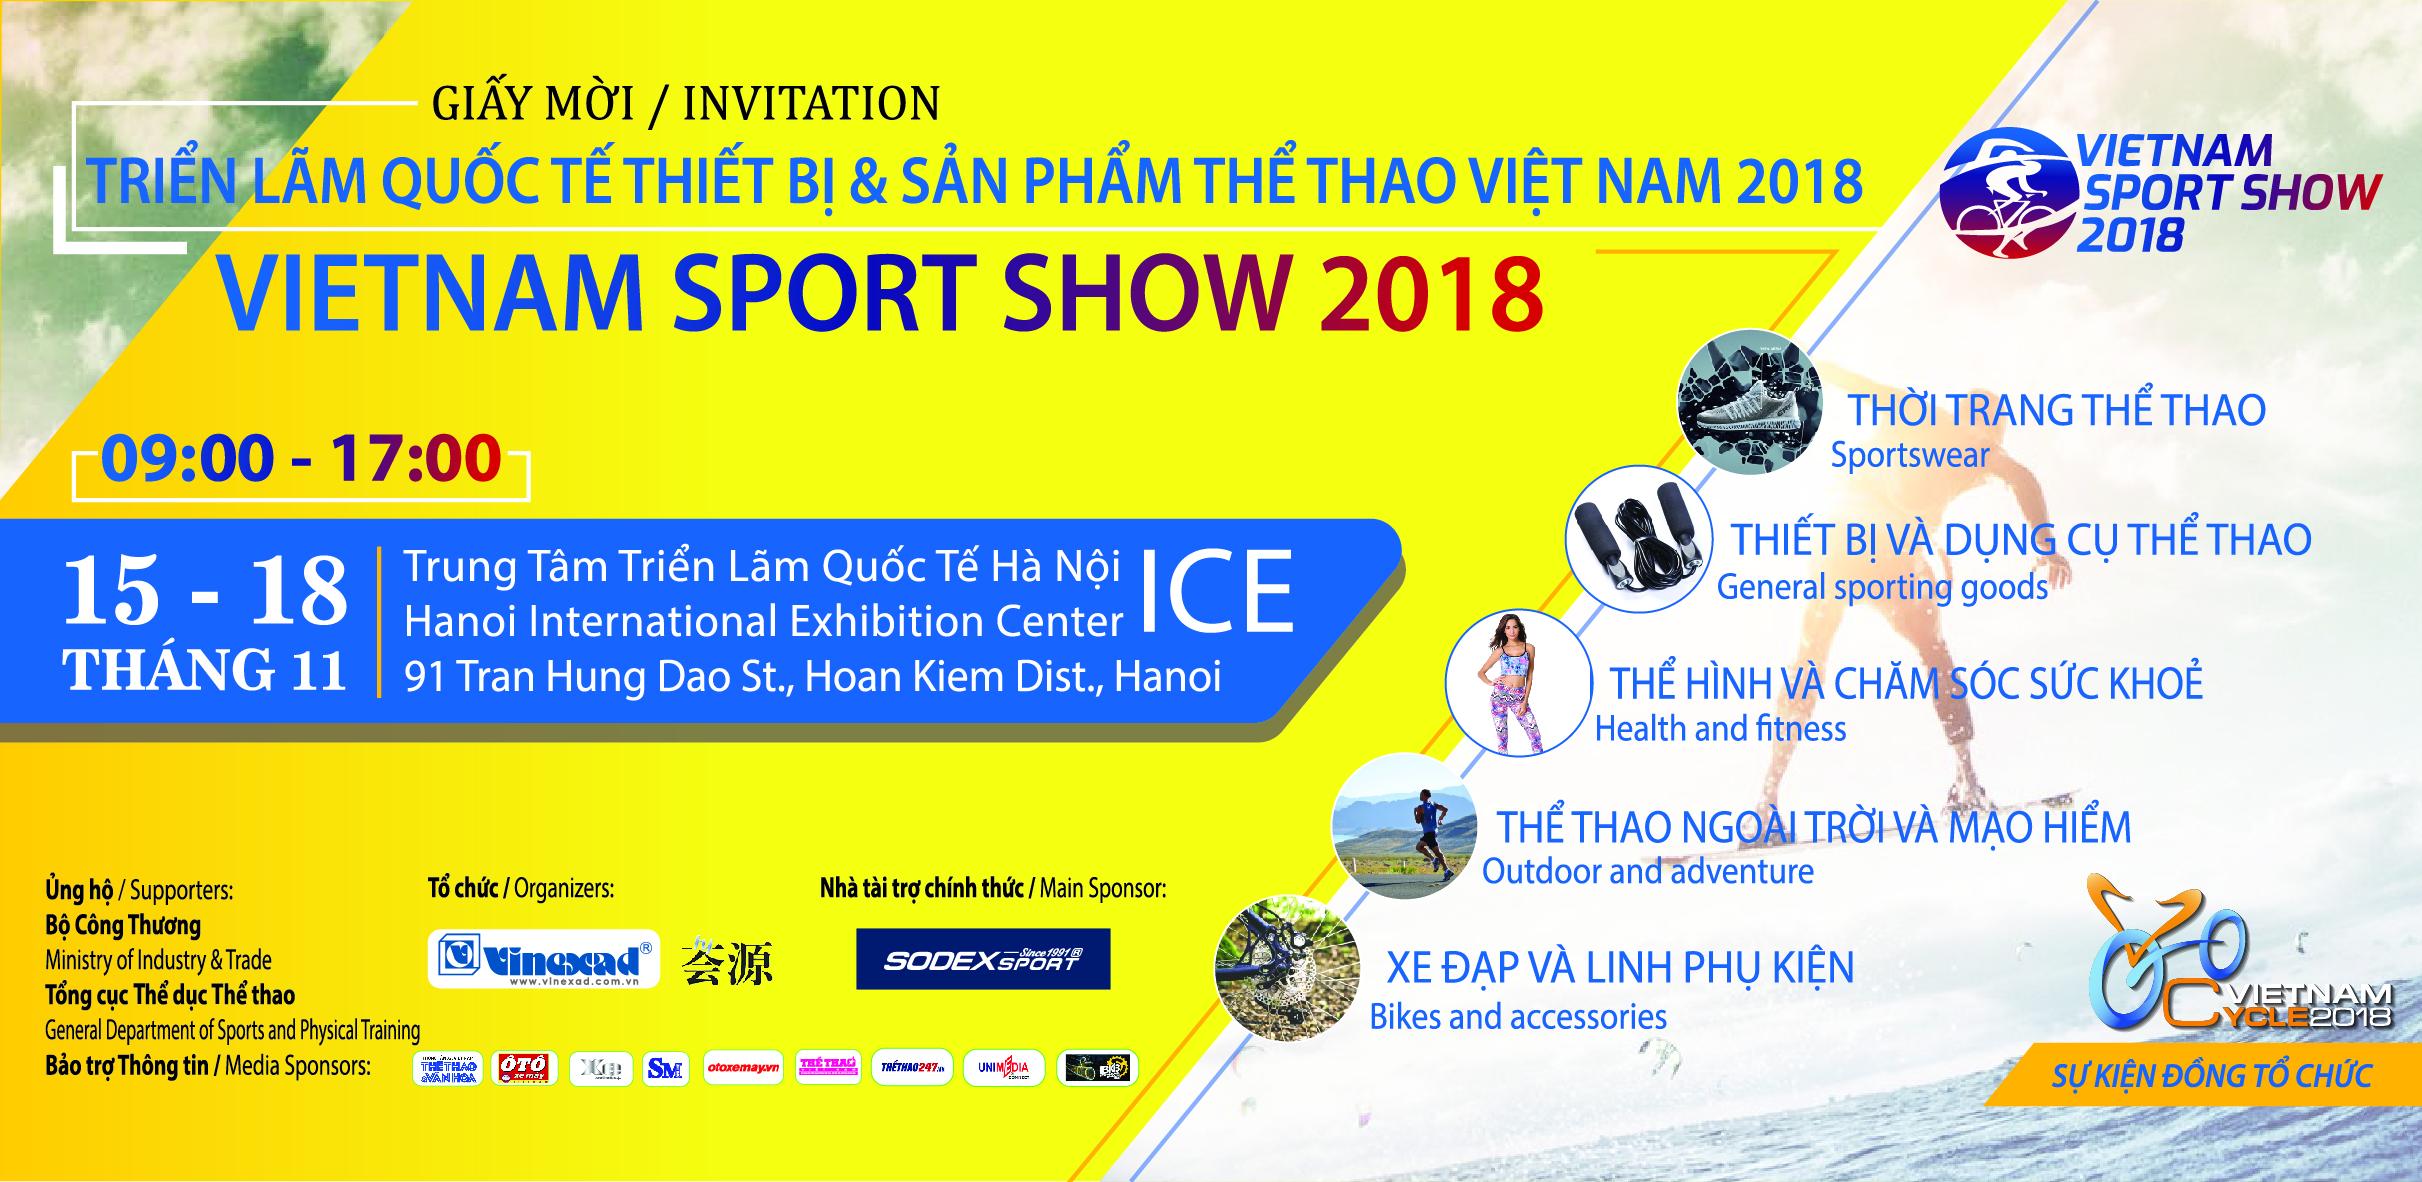 Thư mời: Triển lãm Quốc tế thiết bị và sản phẩm thể thao 2018 – VIETNAM SPORT SHOW 2018